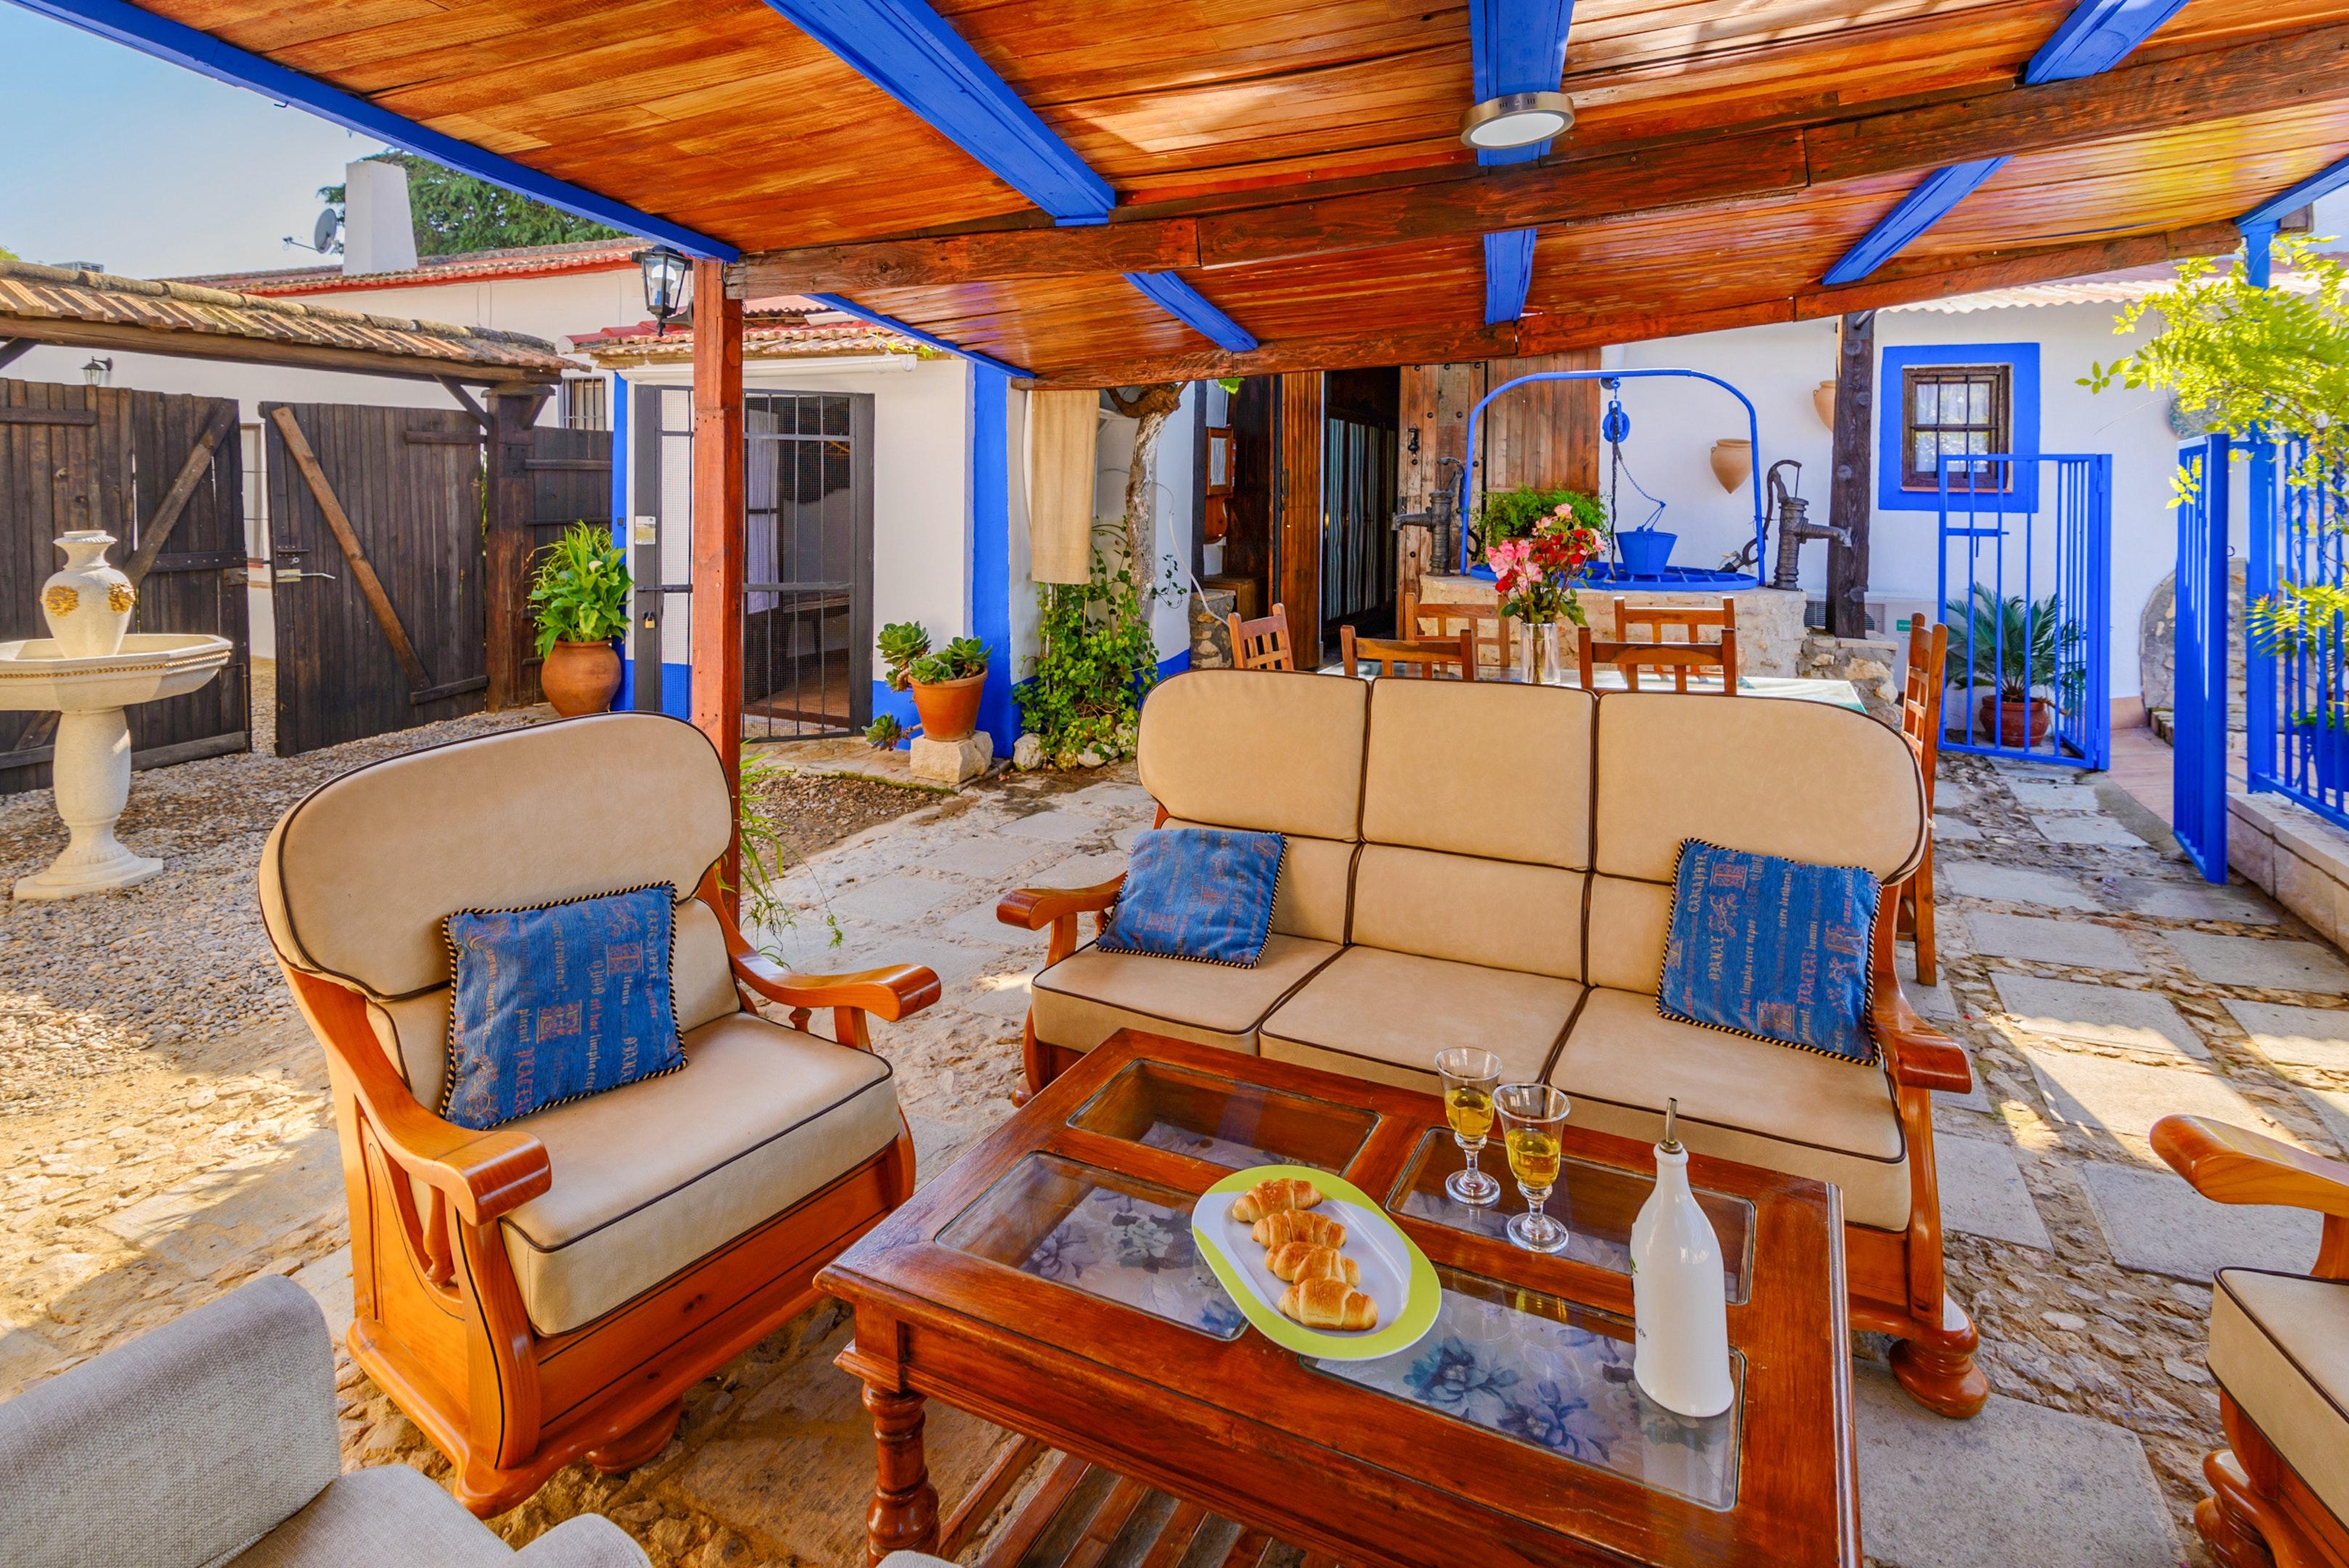 Ferienhaus Villa mit 3 Schlafzimmern in Peñaflor mit privatem Pool, eingezäuntem Garten und W-LAN (2208249), Peñaflor, Sevilla, Andalusien, Spanien, Bild 42